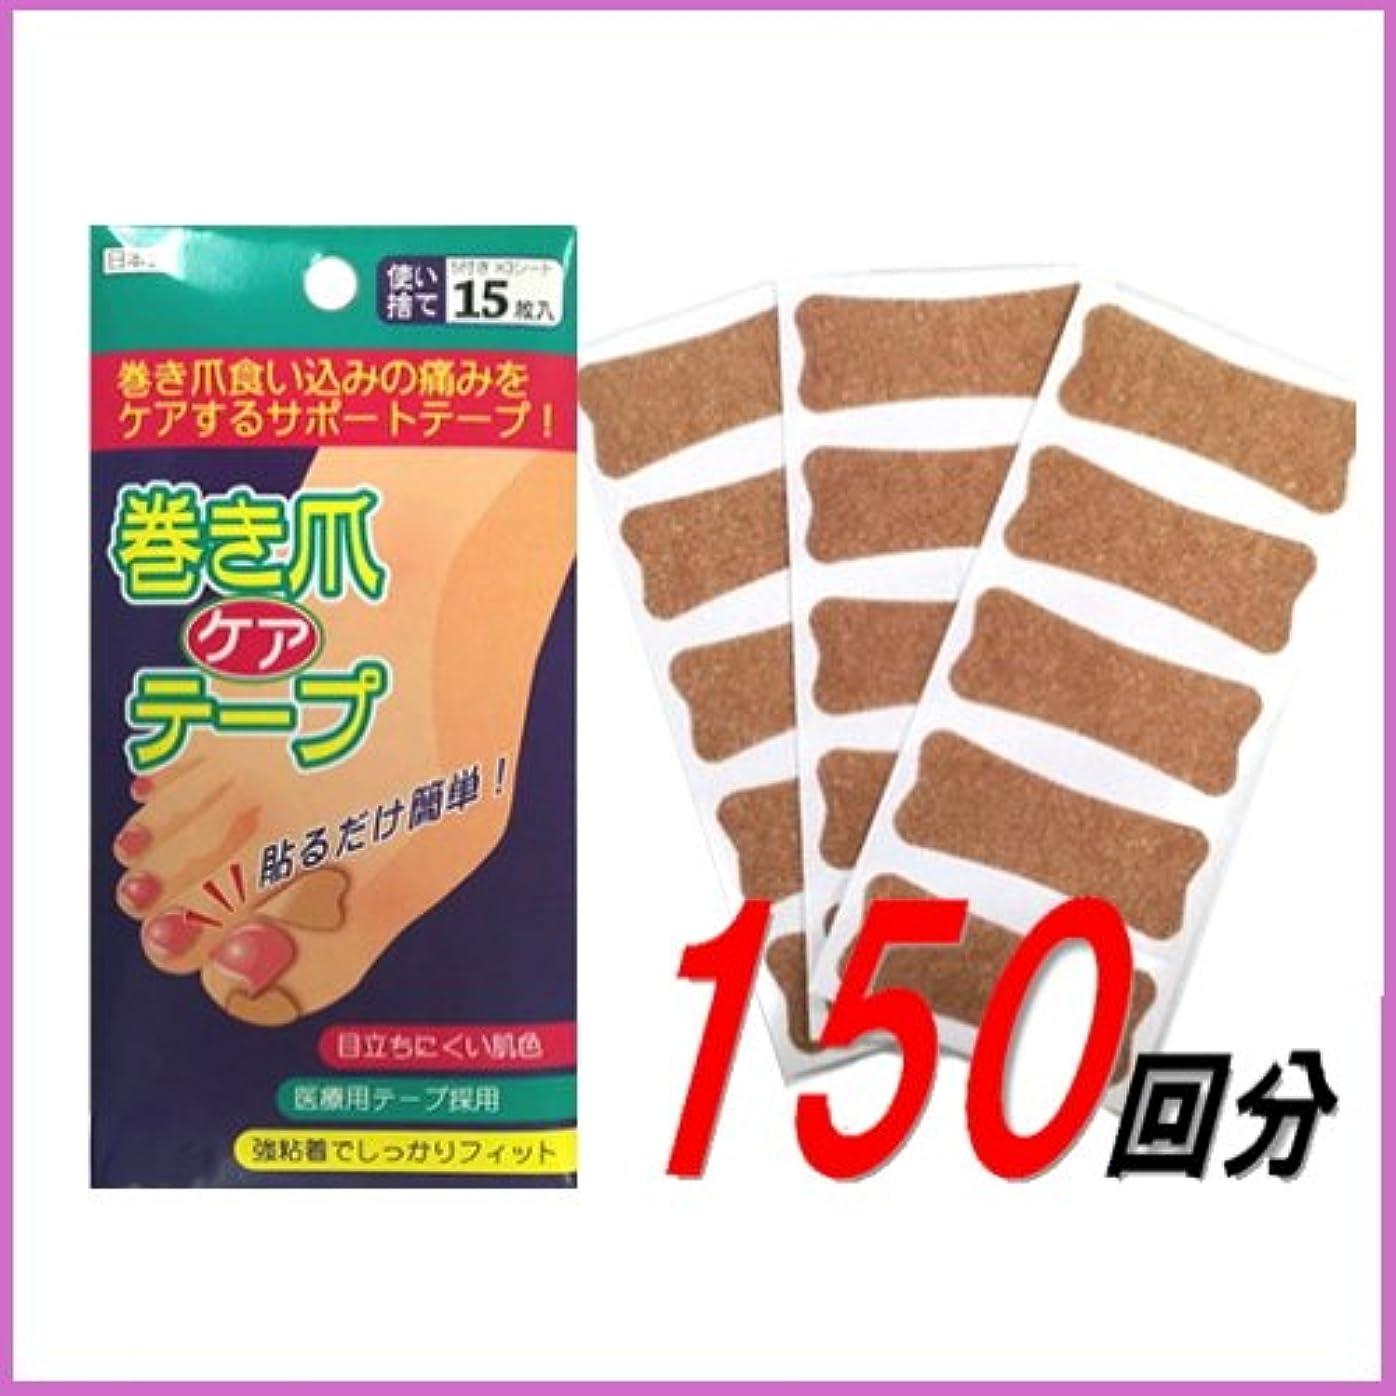 解凍する、雪解け、霜解けピービッシュランダム巻き爪 テープ 10個セット ブロック ケア テーピング 日本製